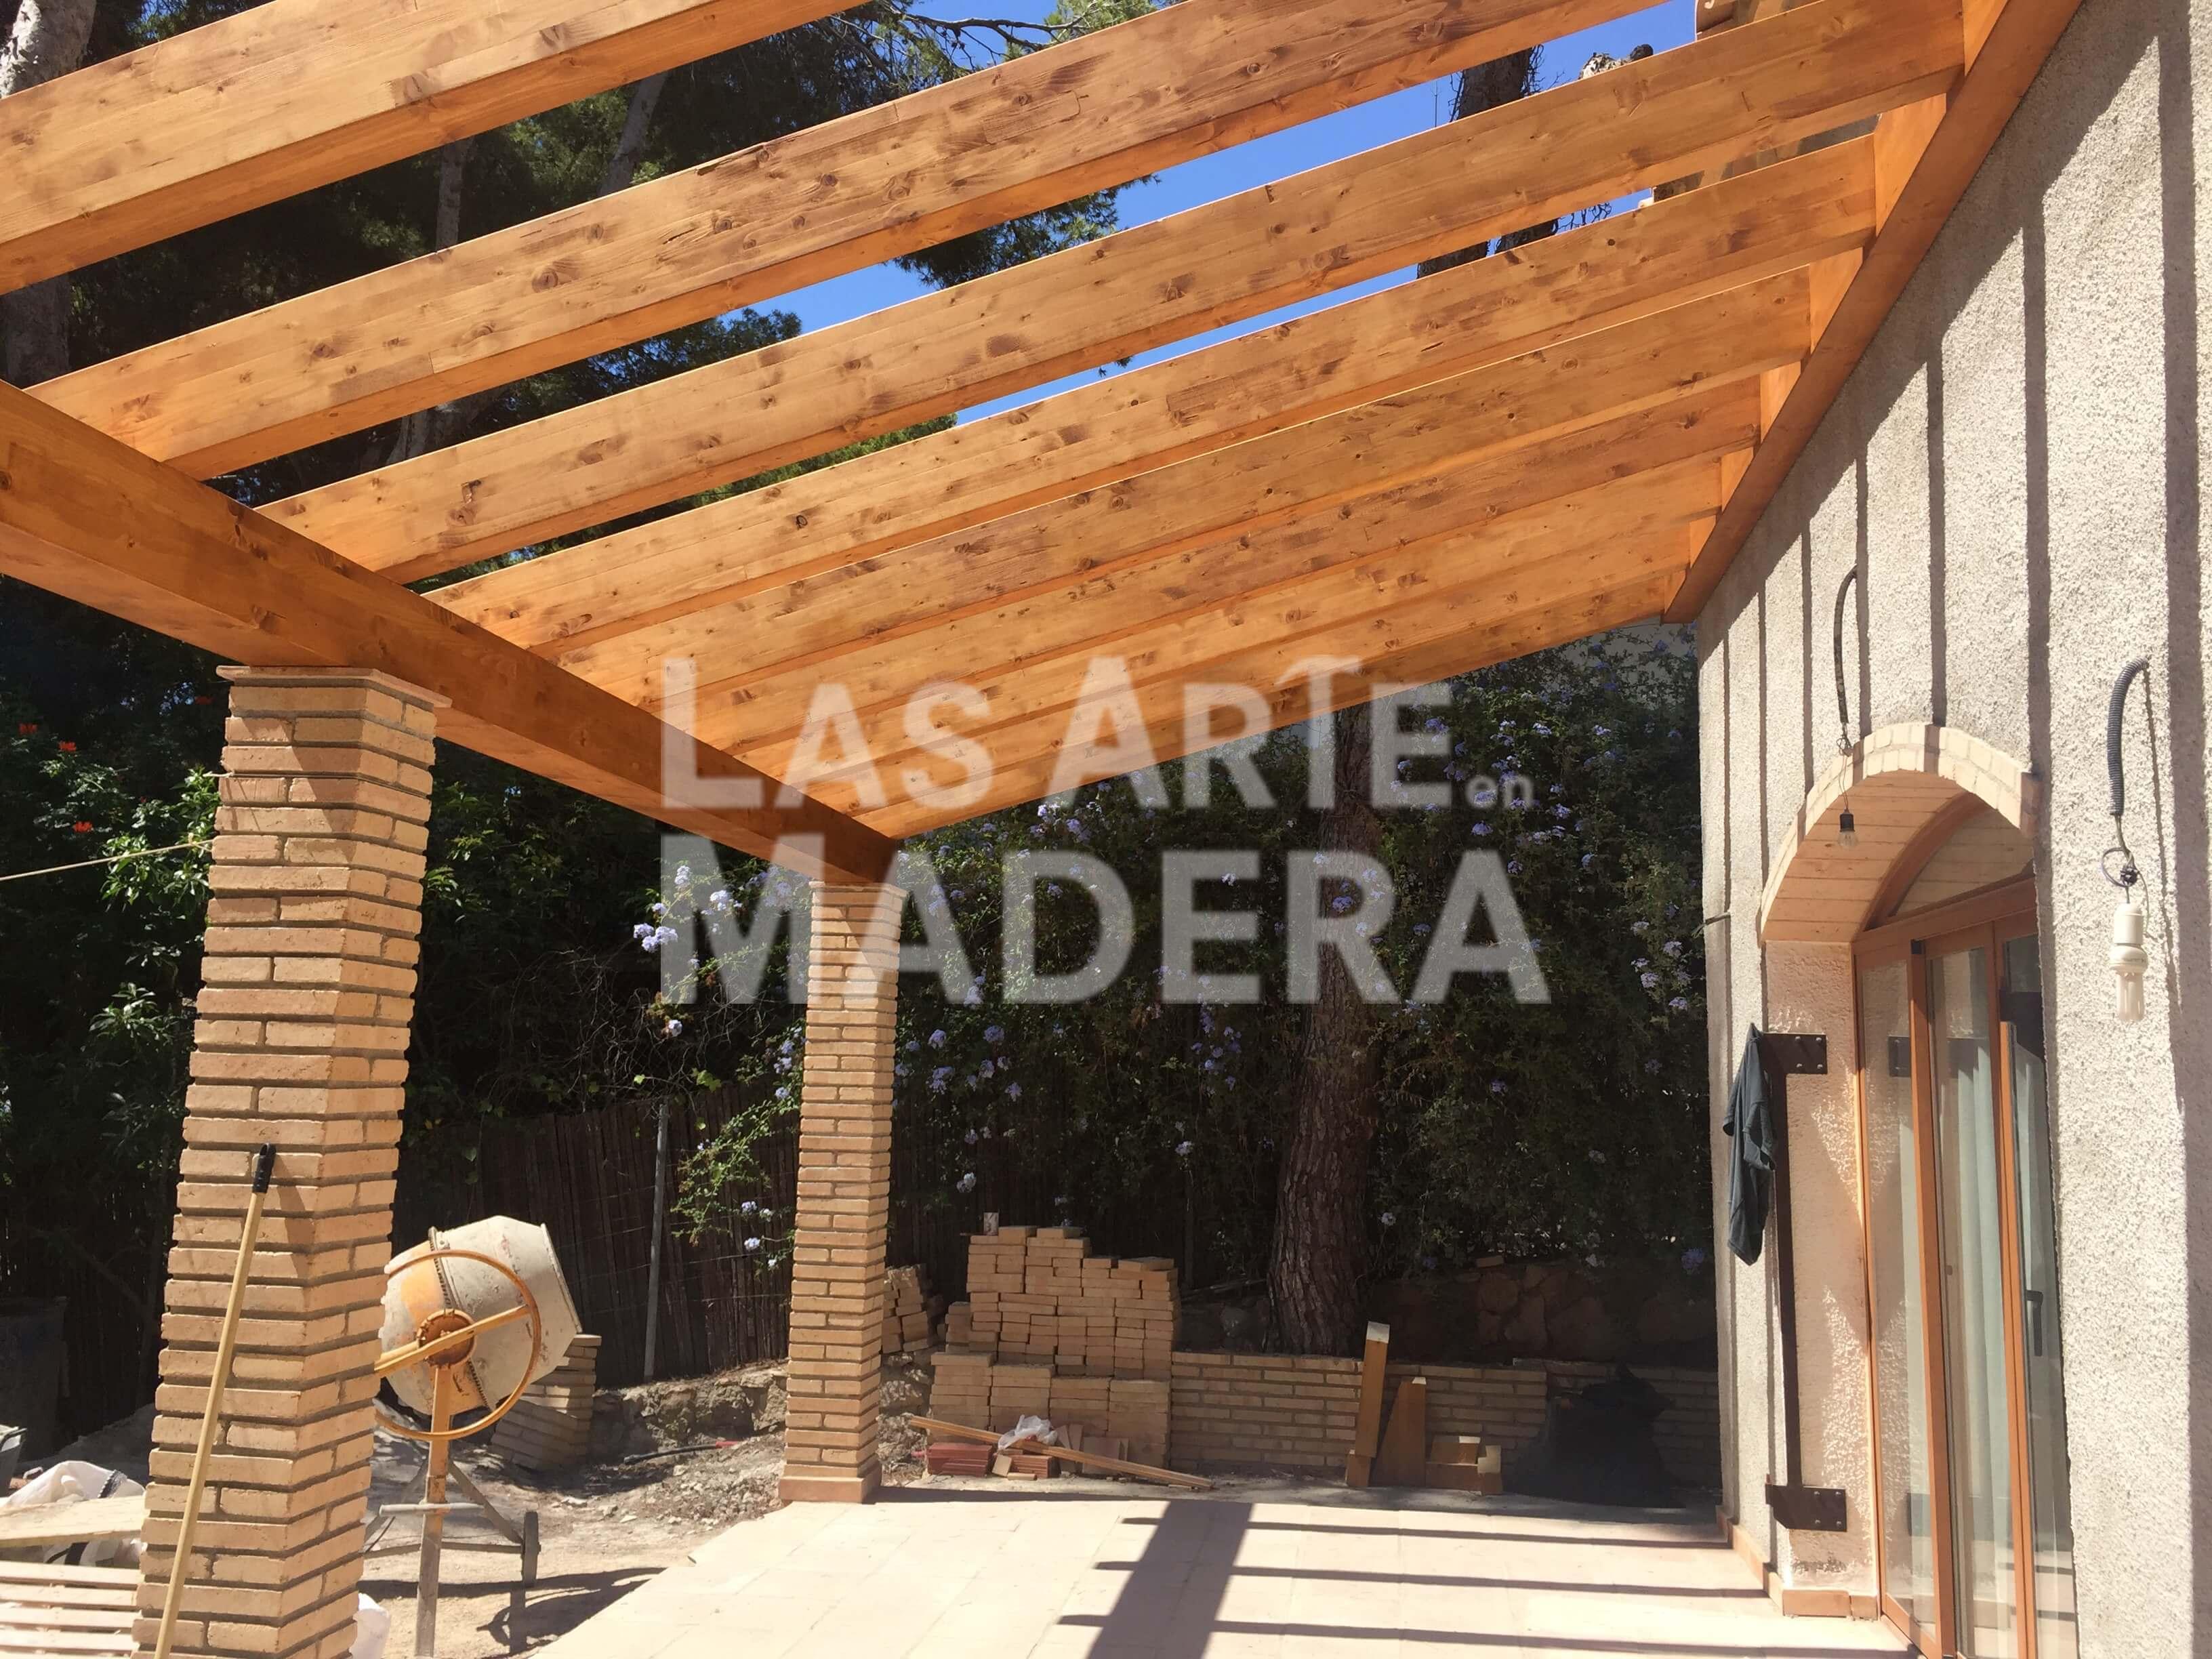 P rgolas de madera para tu casa con las artes en madera - Pergolas de madera valencia ...